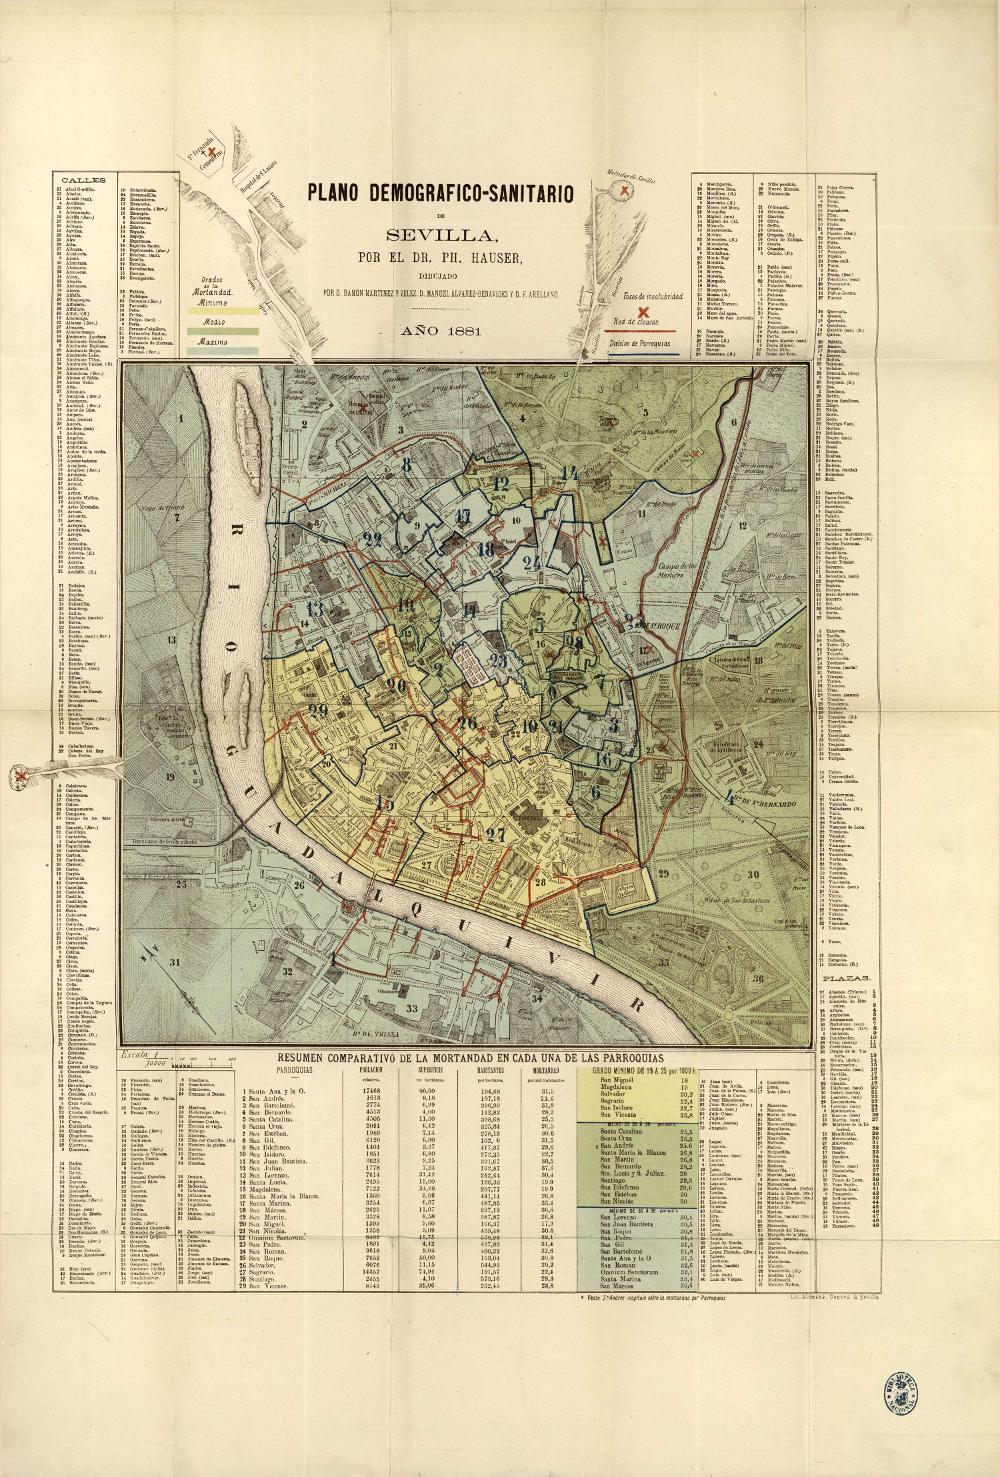 Plano demográfico-sanitario de Sevilla. Por el Dr. Ph. Hauser.1881. Universidad de Sevilla